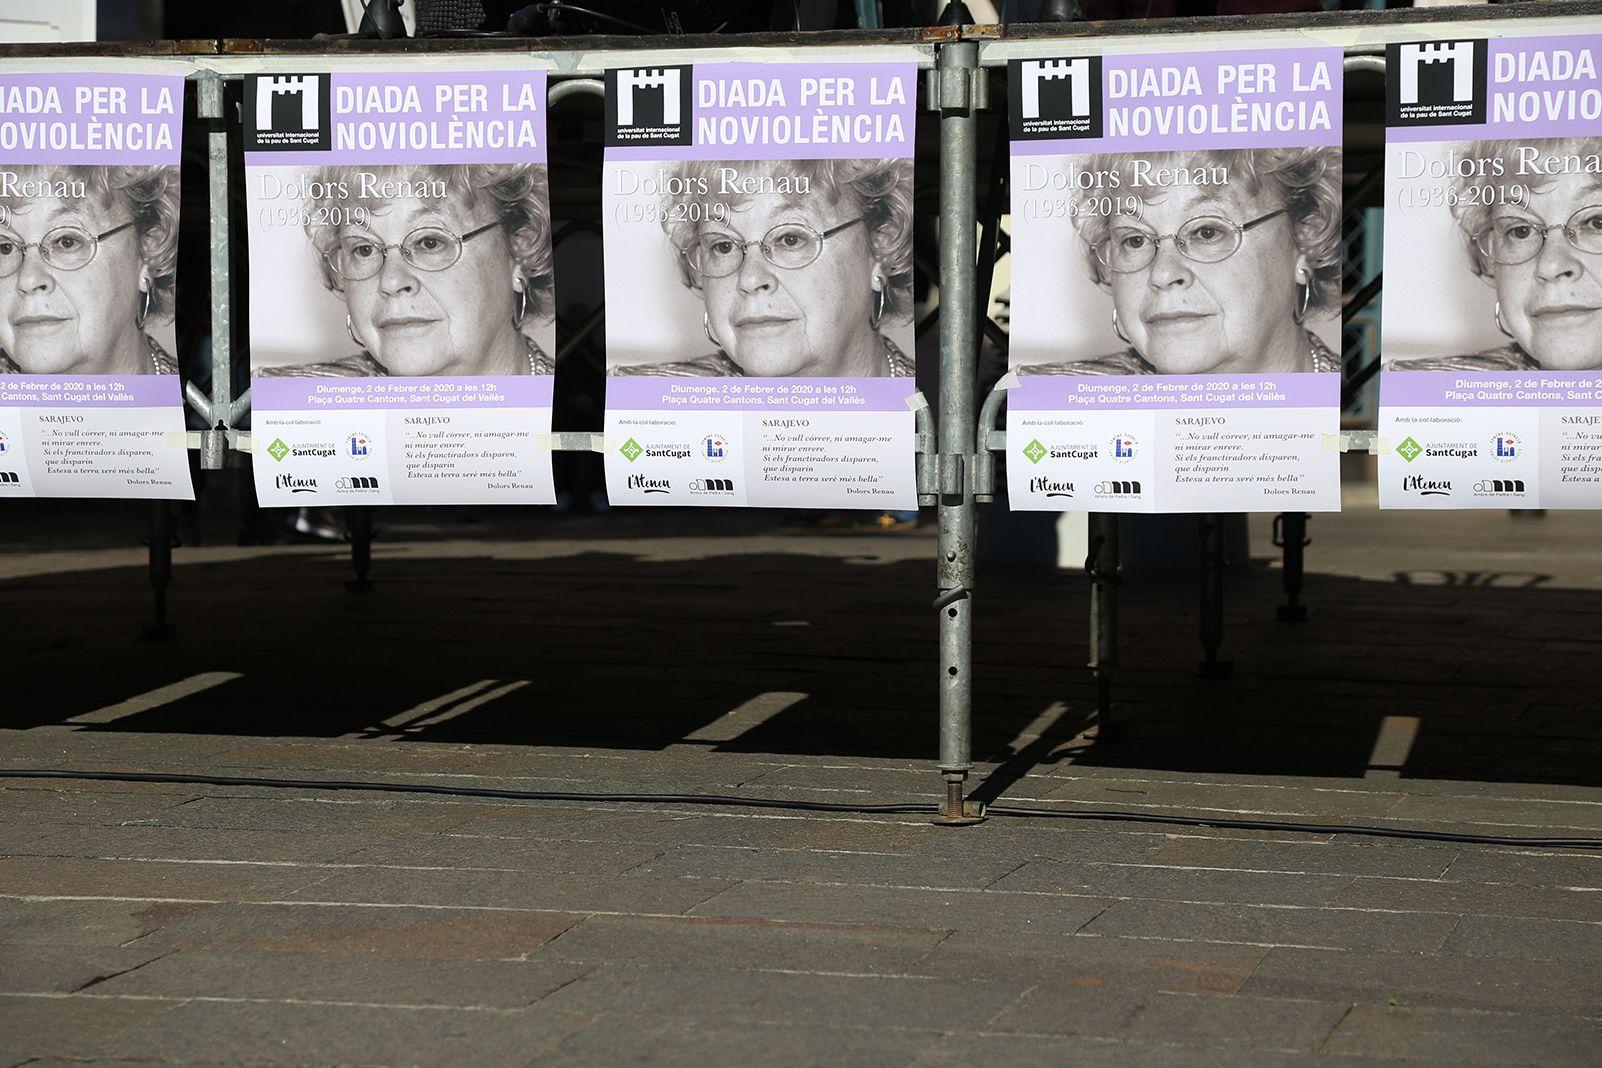 Recoradatori a dolors Renau per la diada per la No-Violència a Sant Cugat. foto: Anna Bassa